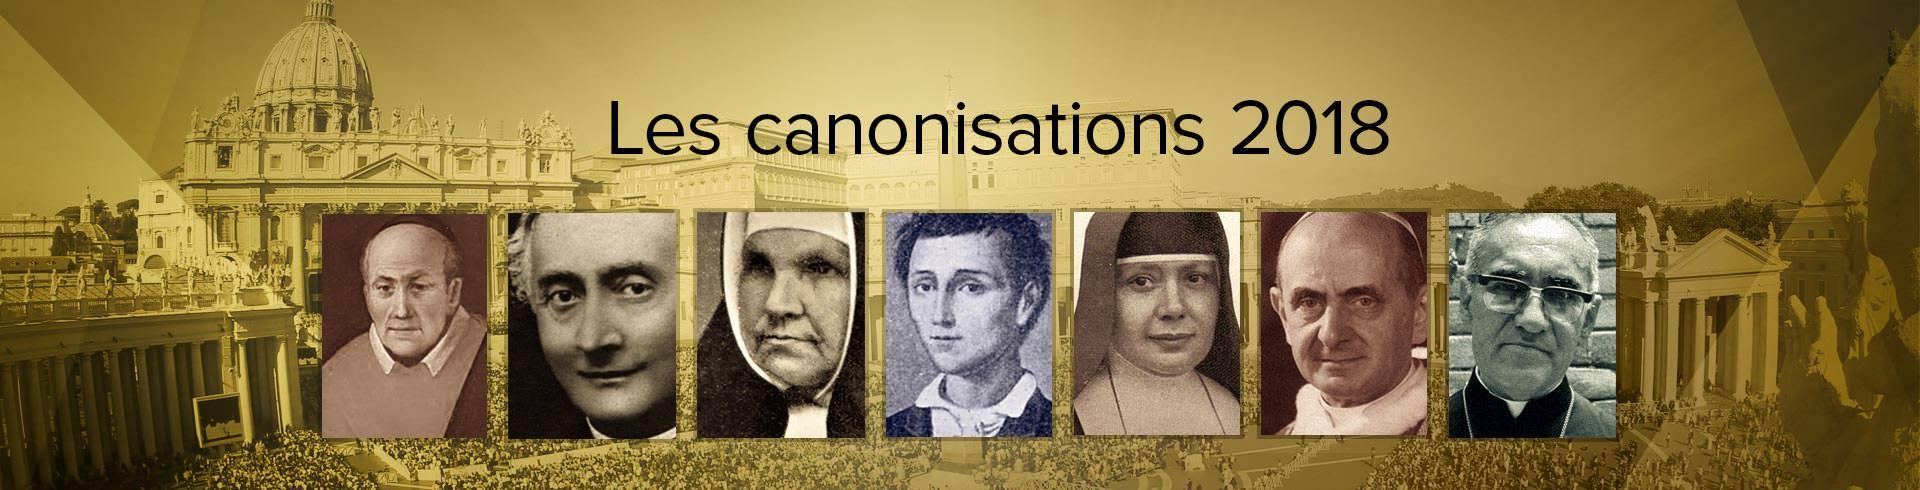 Canonization 2018